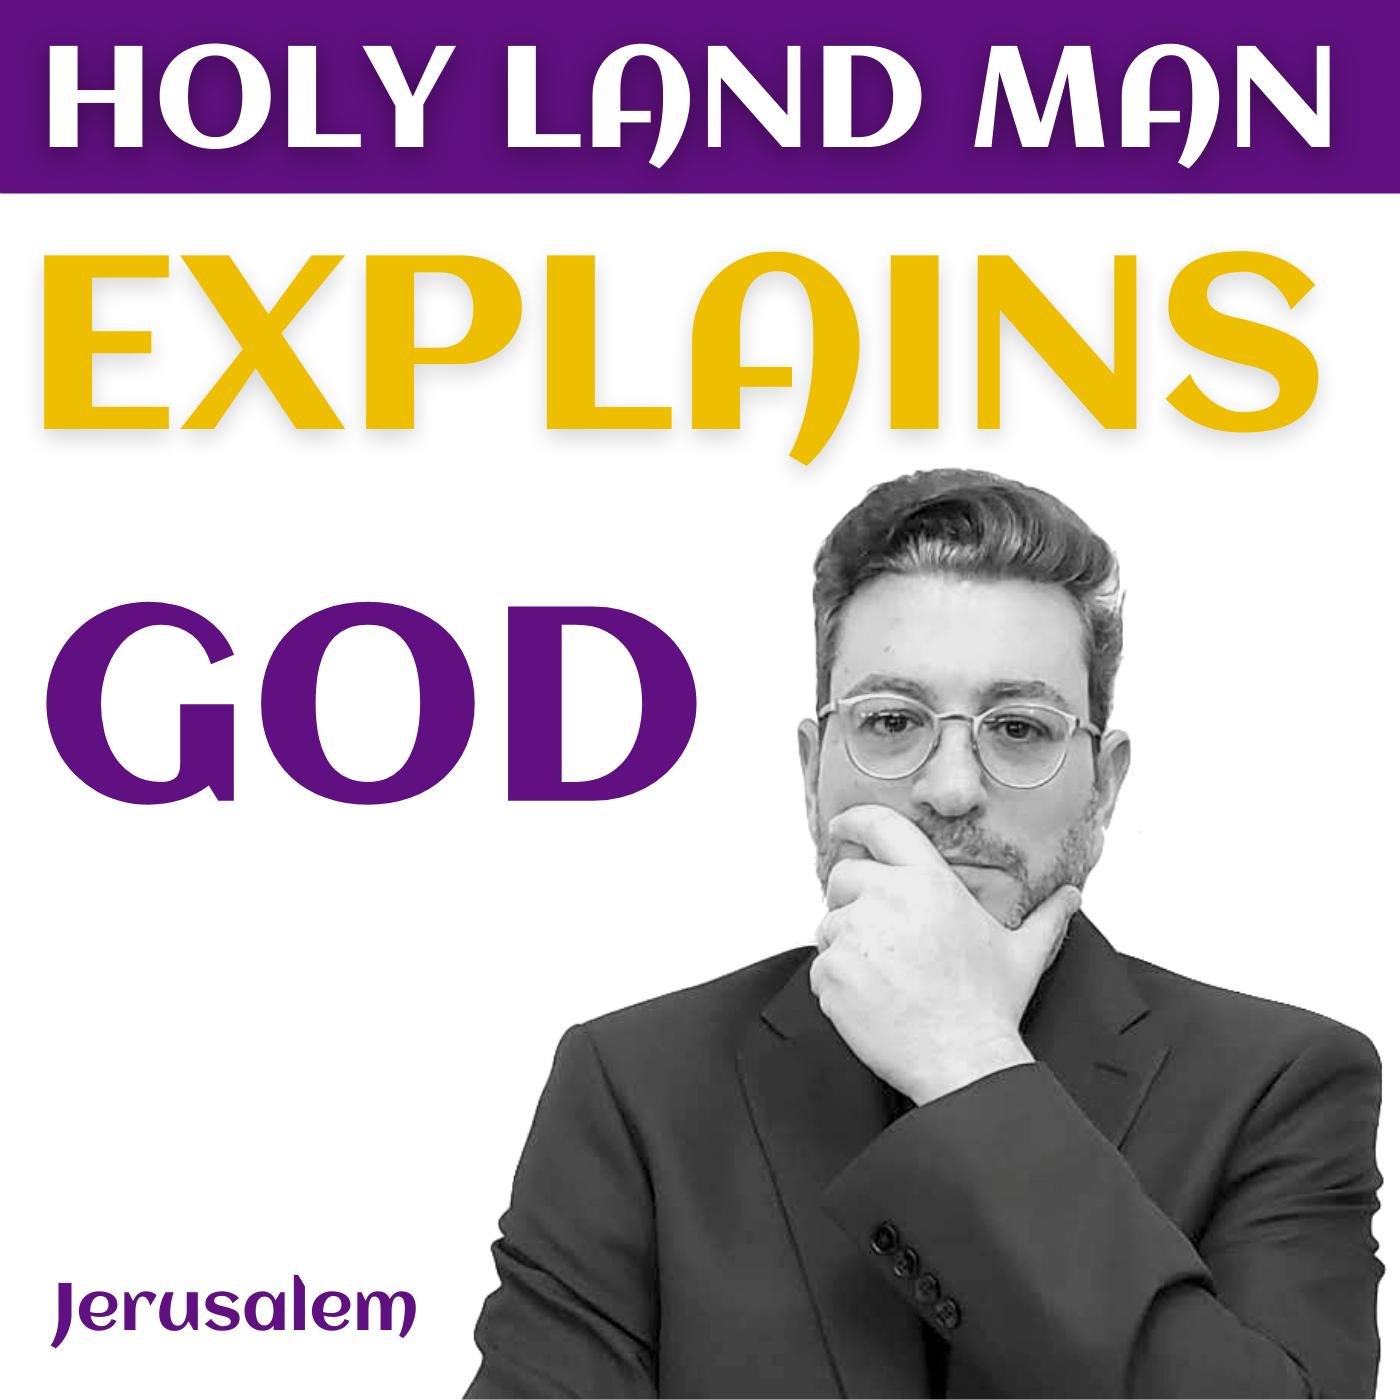 HOLY LAND MAN explains GOD